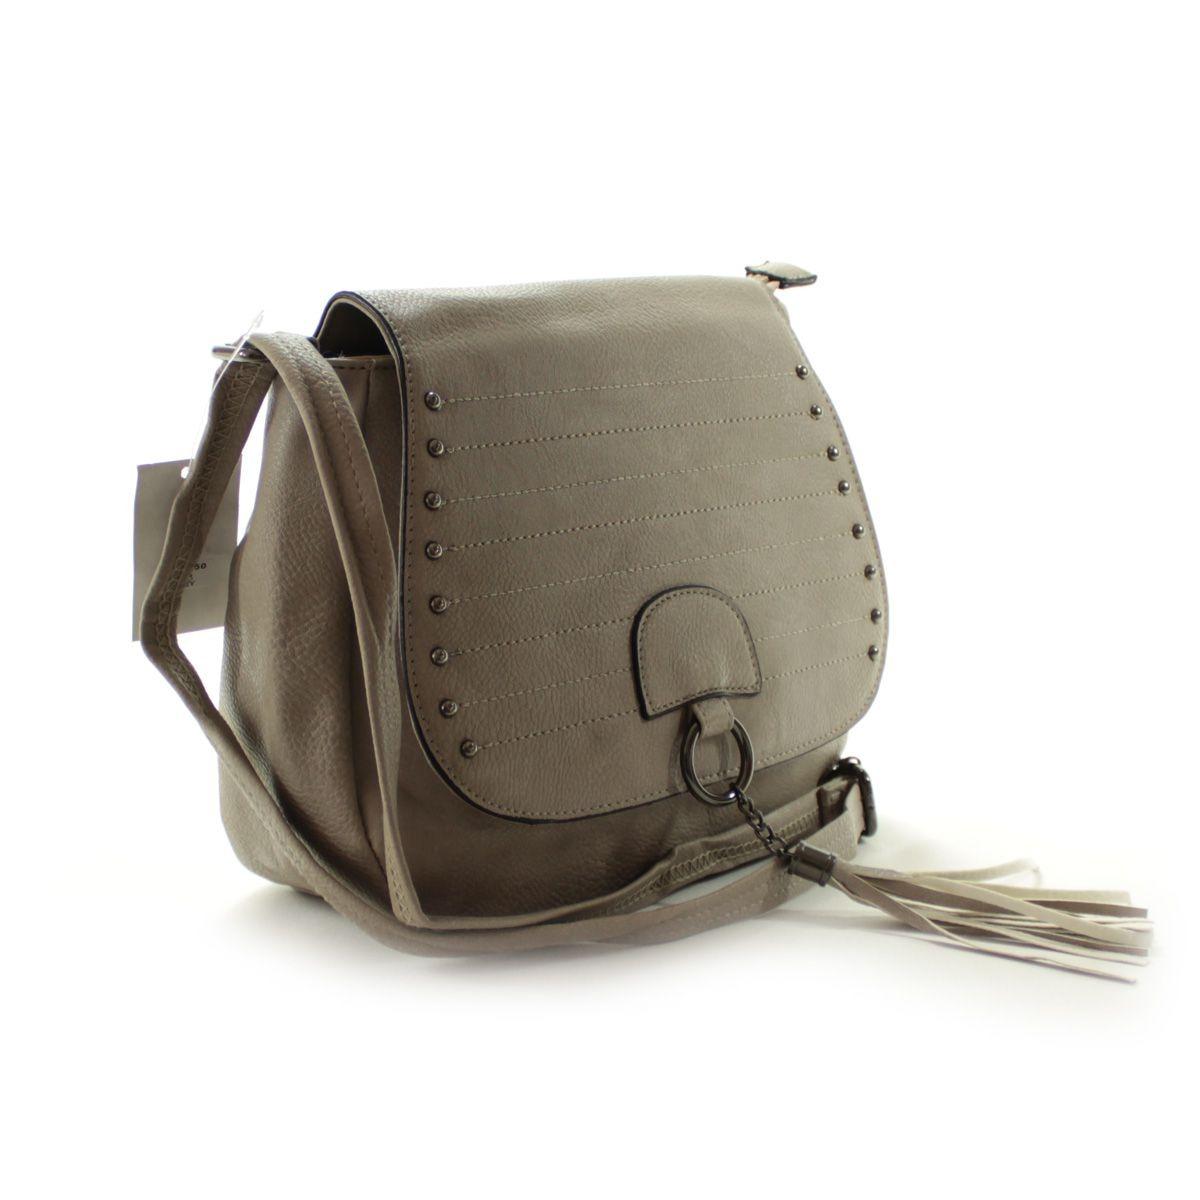 e4be17f1e bolsa feminina pequena tiracolo transversal taxinha franja. Carregando zoom.